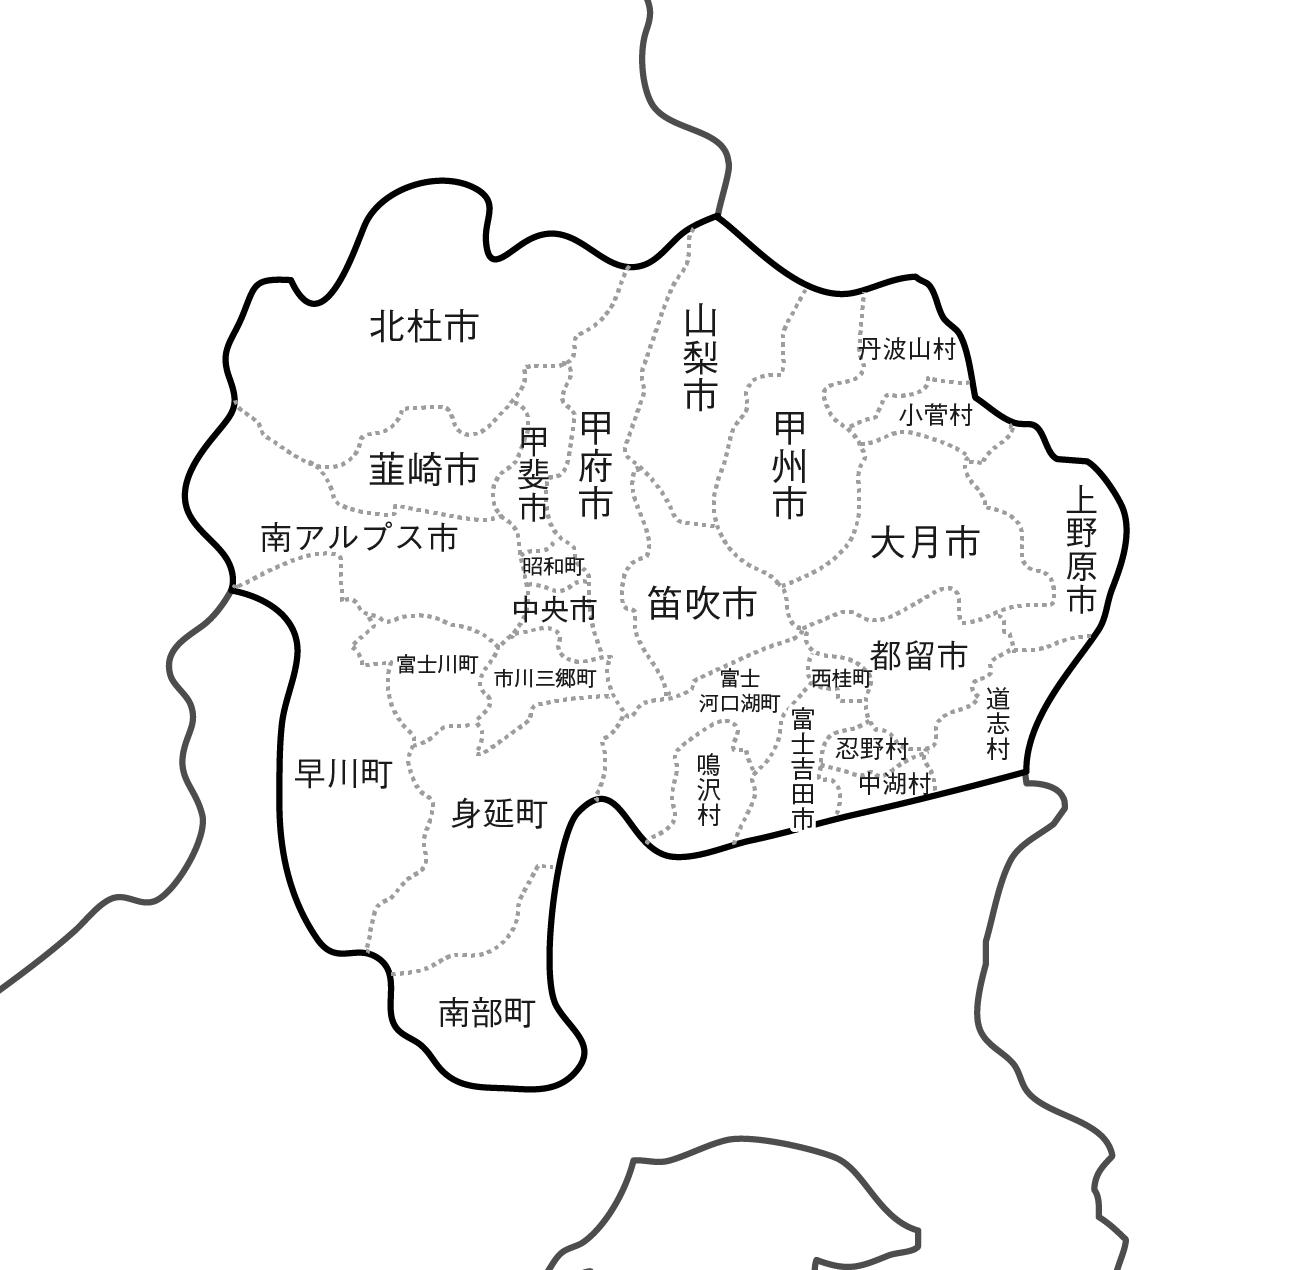 [白地図]山梨県・ラインあり・市区町村名あり・隣県あり